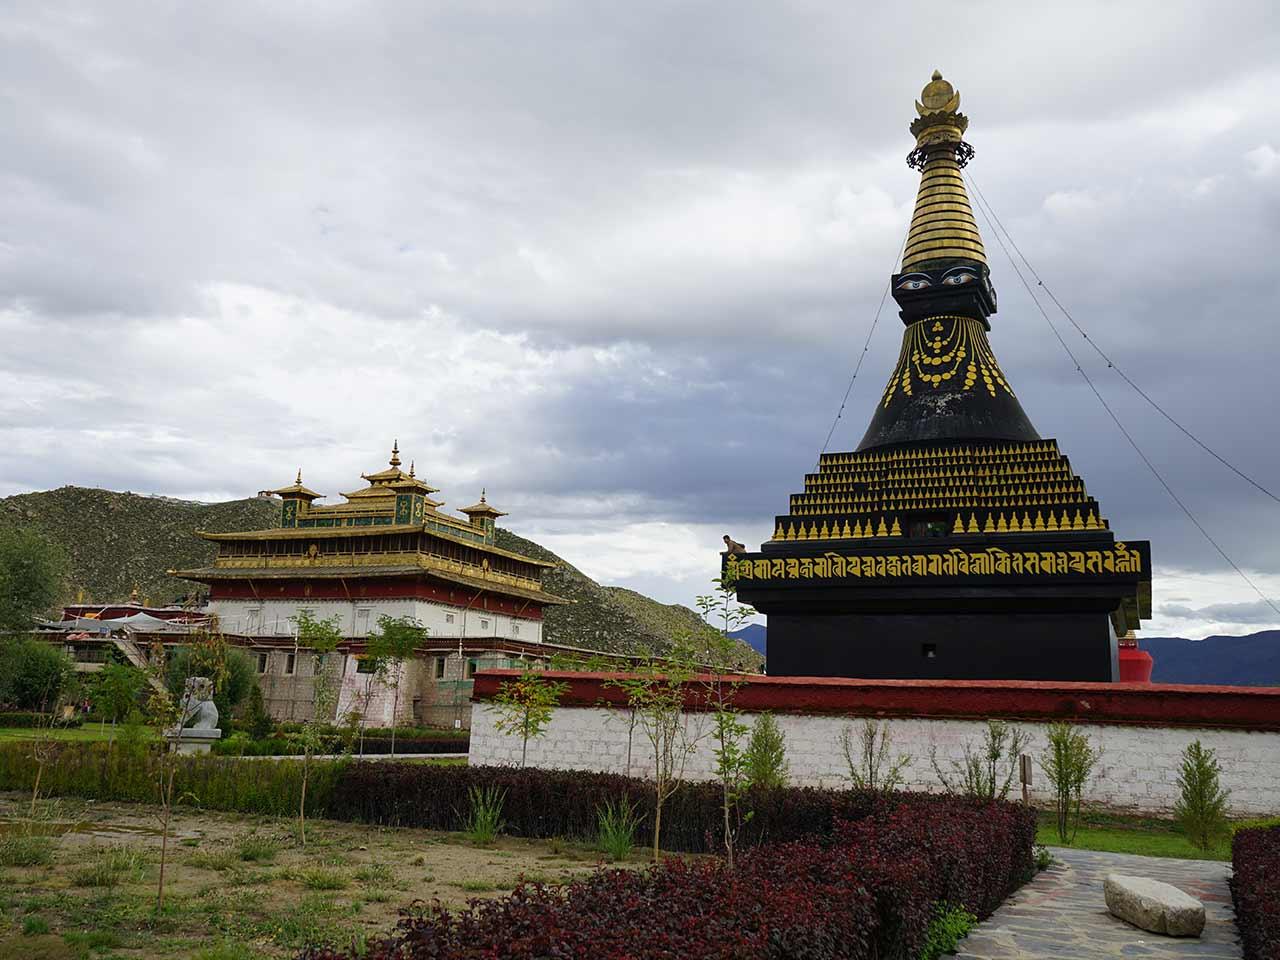 Lhasa-Tsedang-Gyantse-Shigatse-Namtso Lake Tour